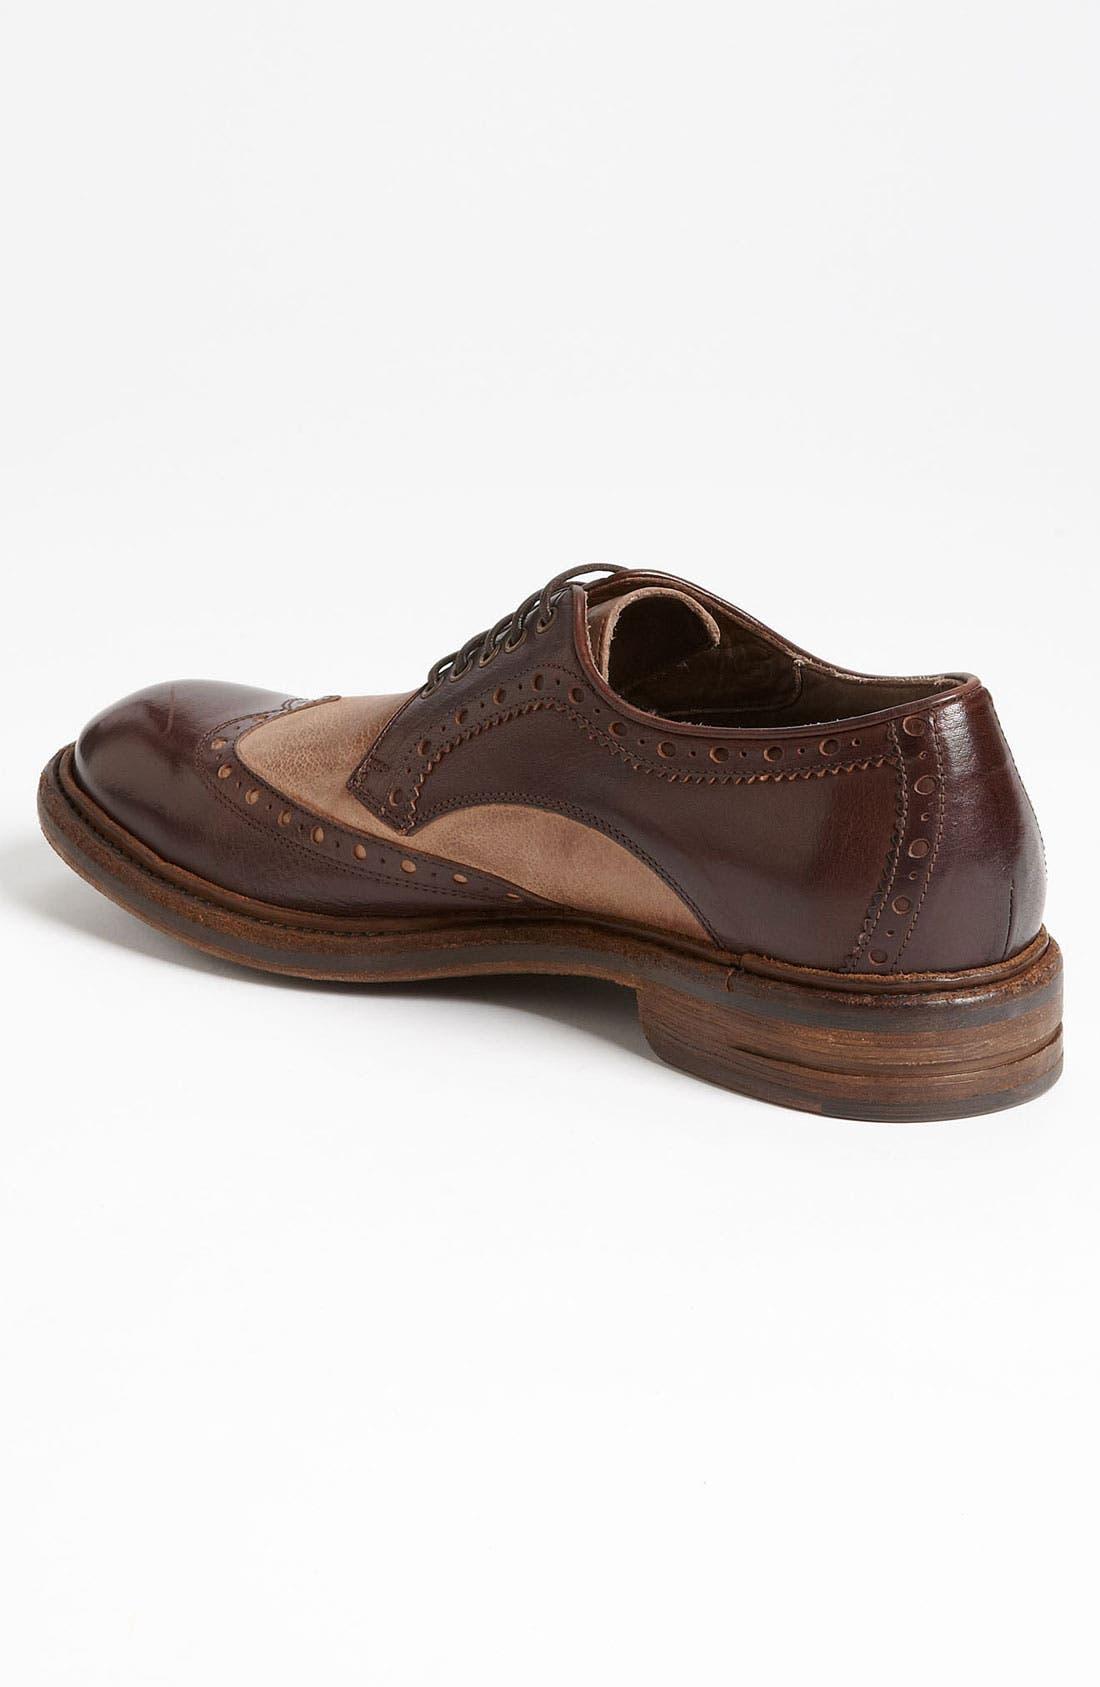 Alternate Image 2  - UGG® Collection 'Allcott' Spectator Shoe (Men)